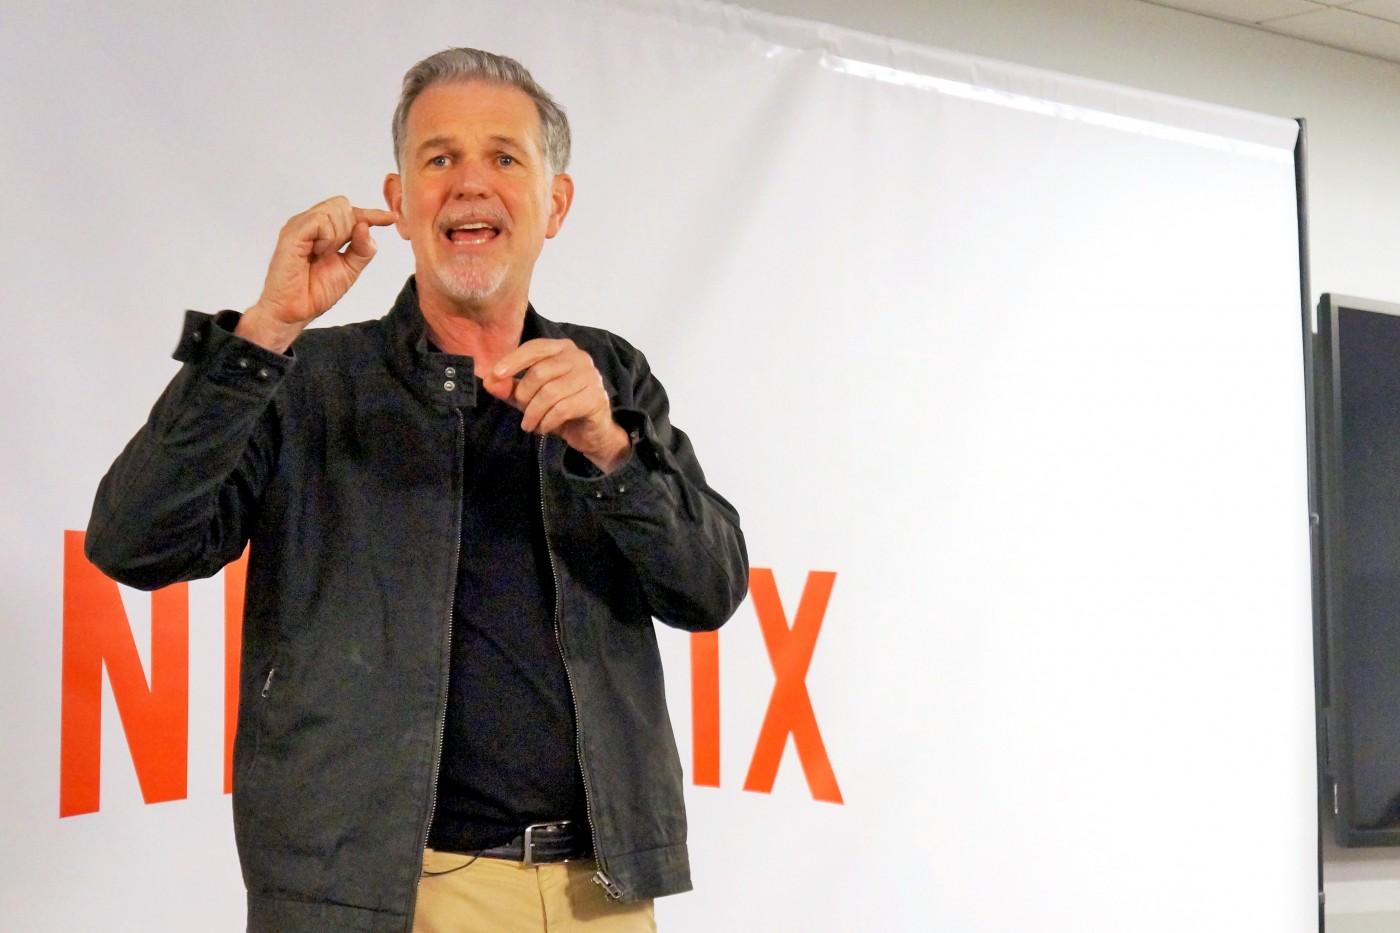 用戶成長為內容撐腰,Netflix執行長估今年會員營收上看150億美元